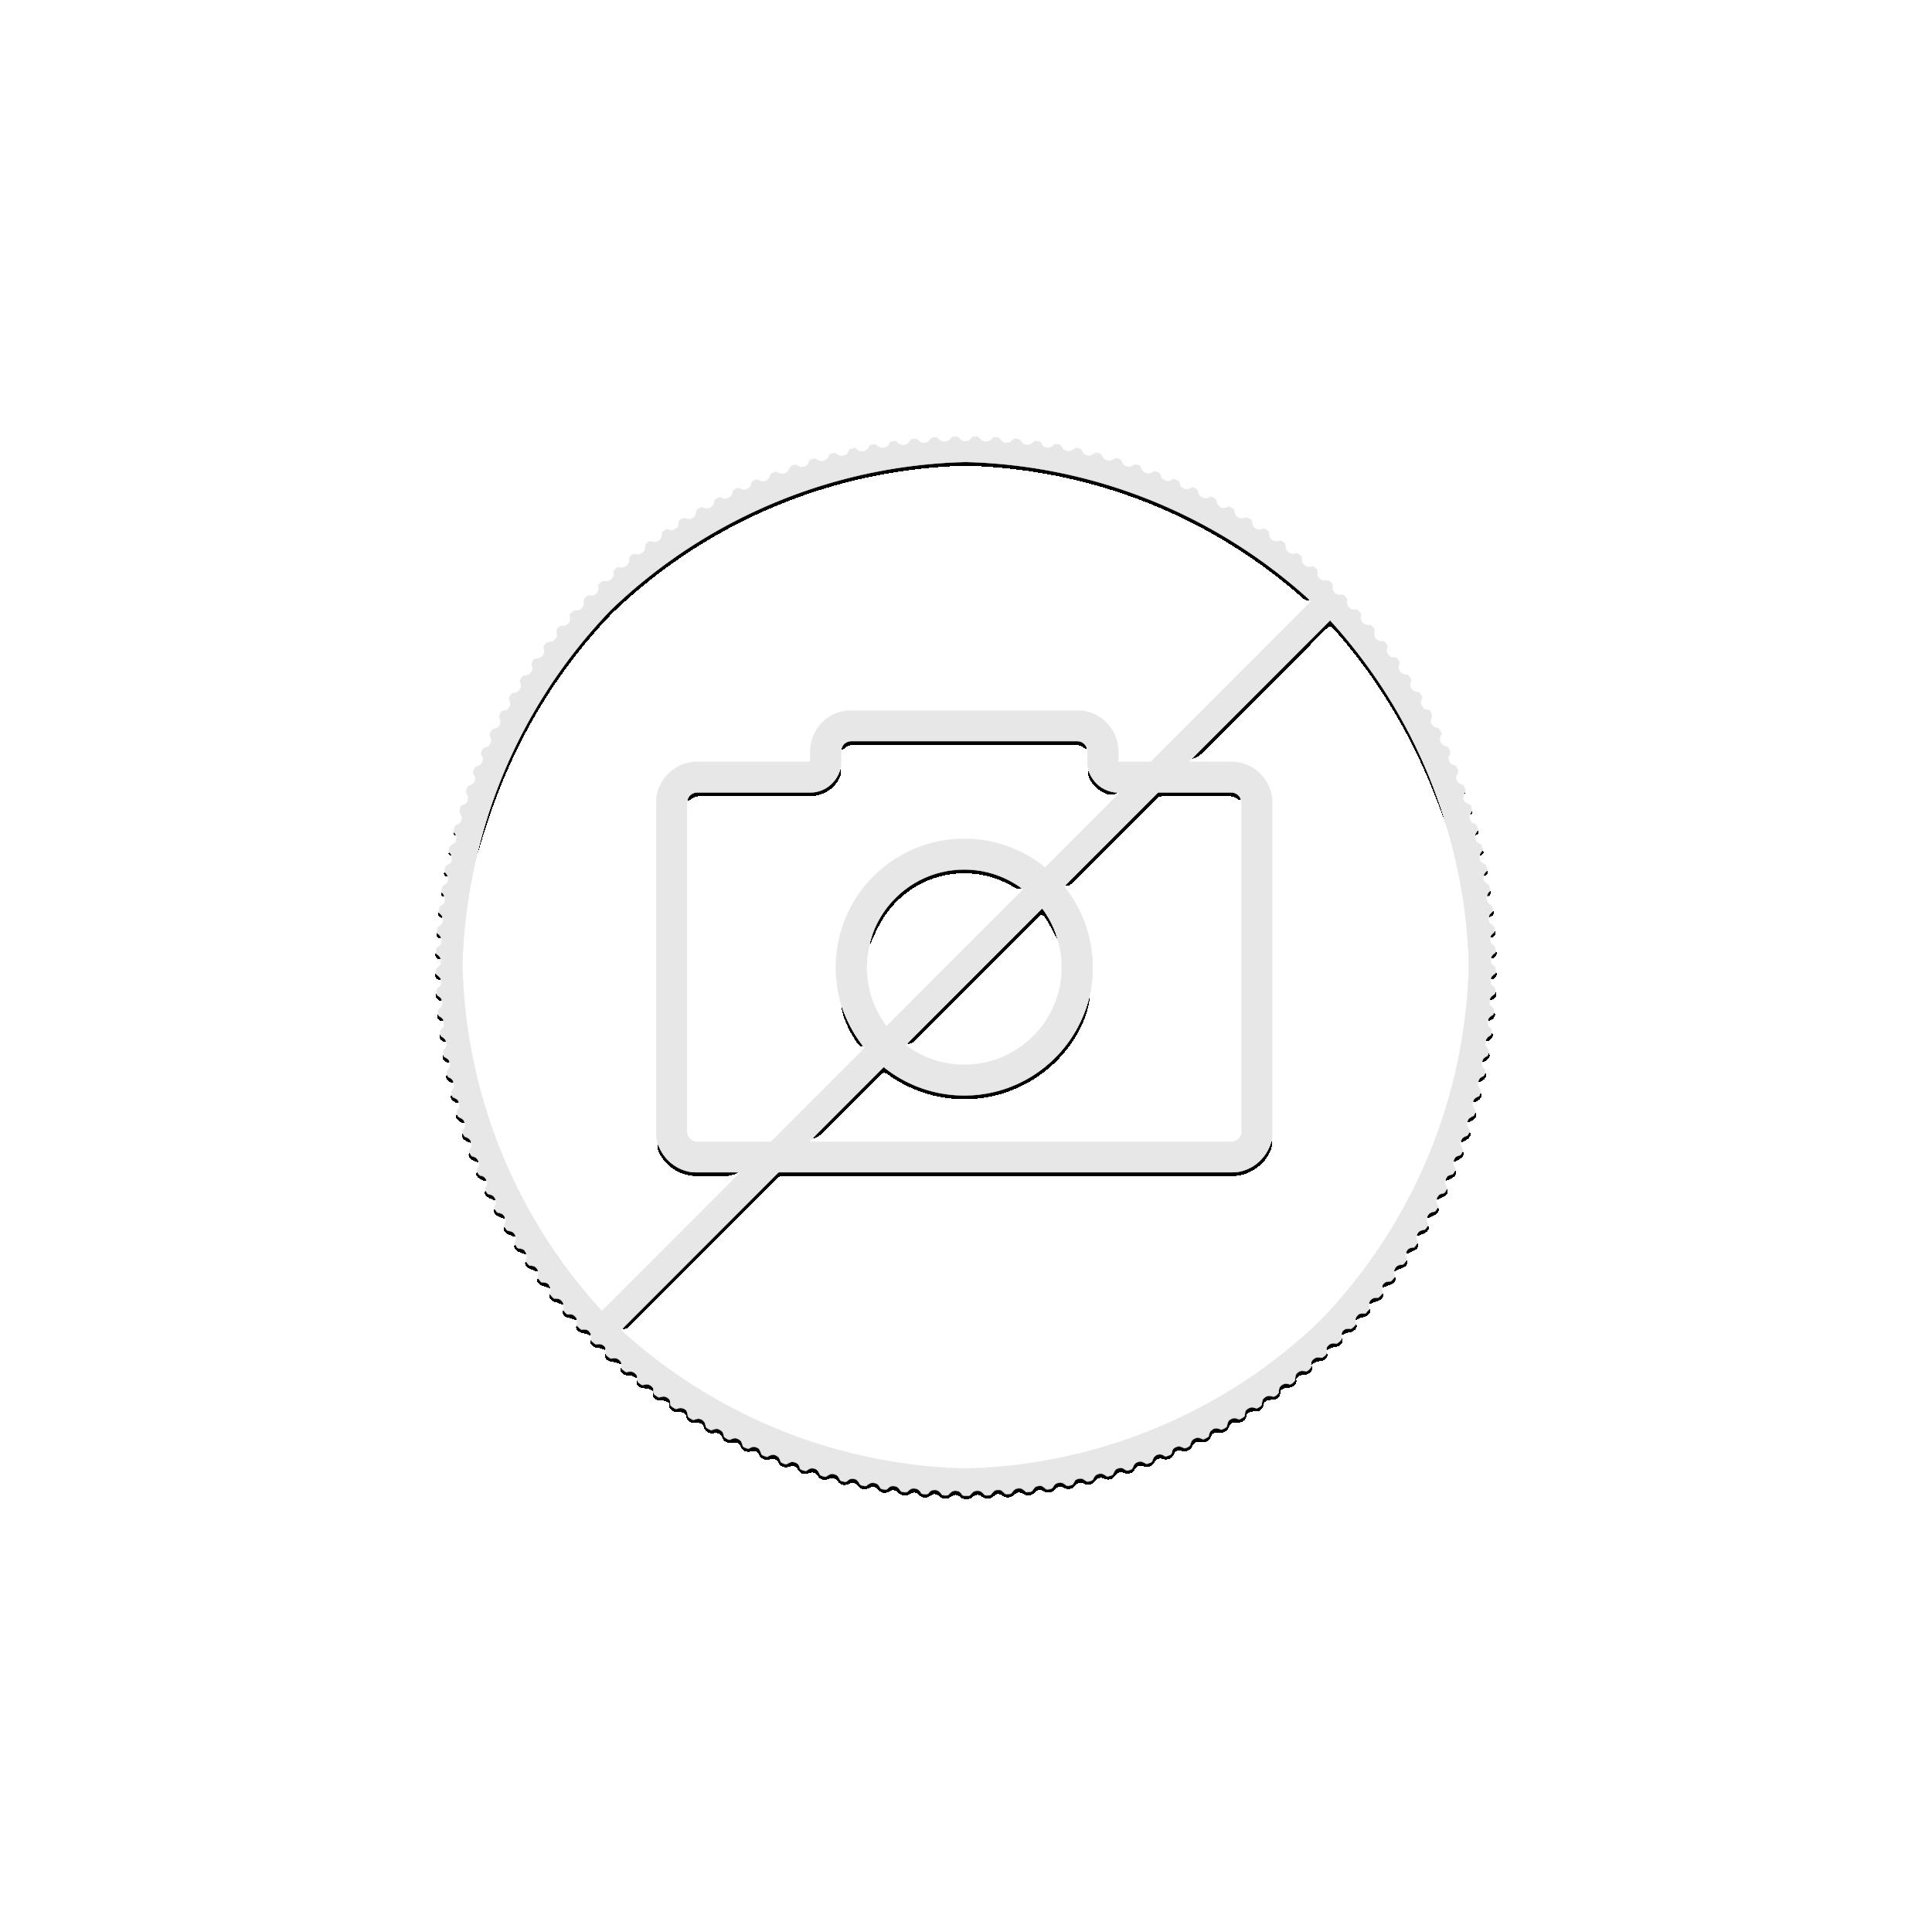 1/2 troy ounce zilveren munt motherhood 2021 Proof